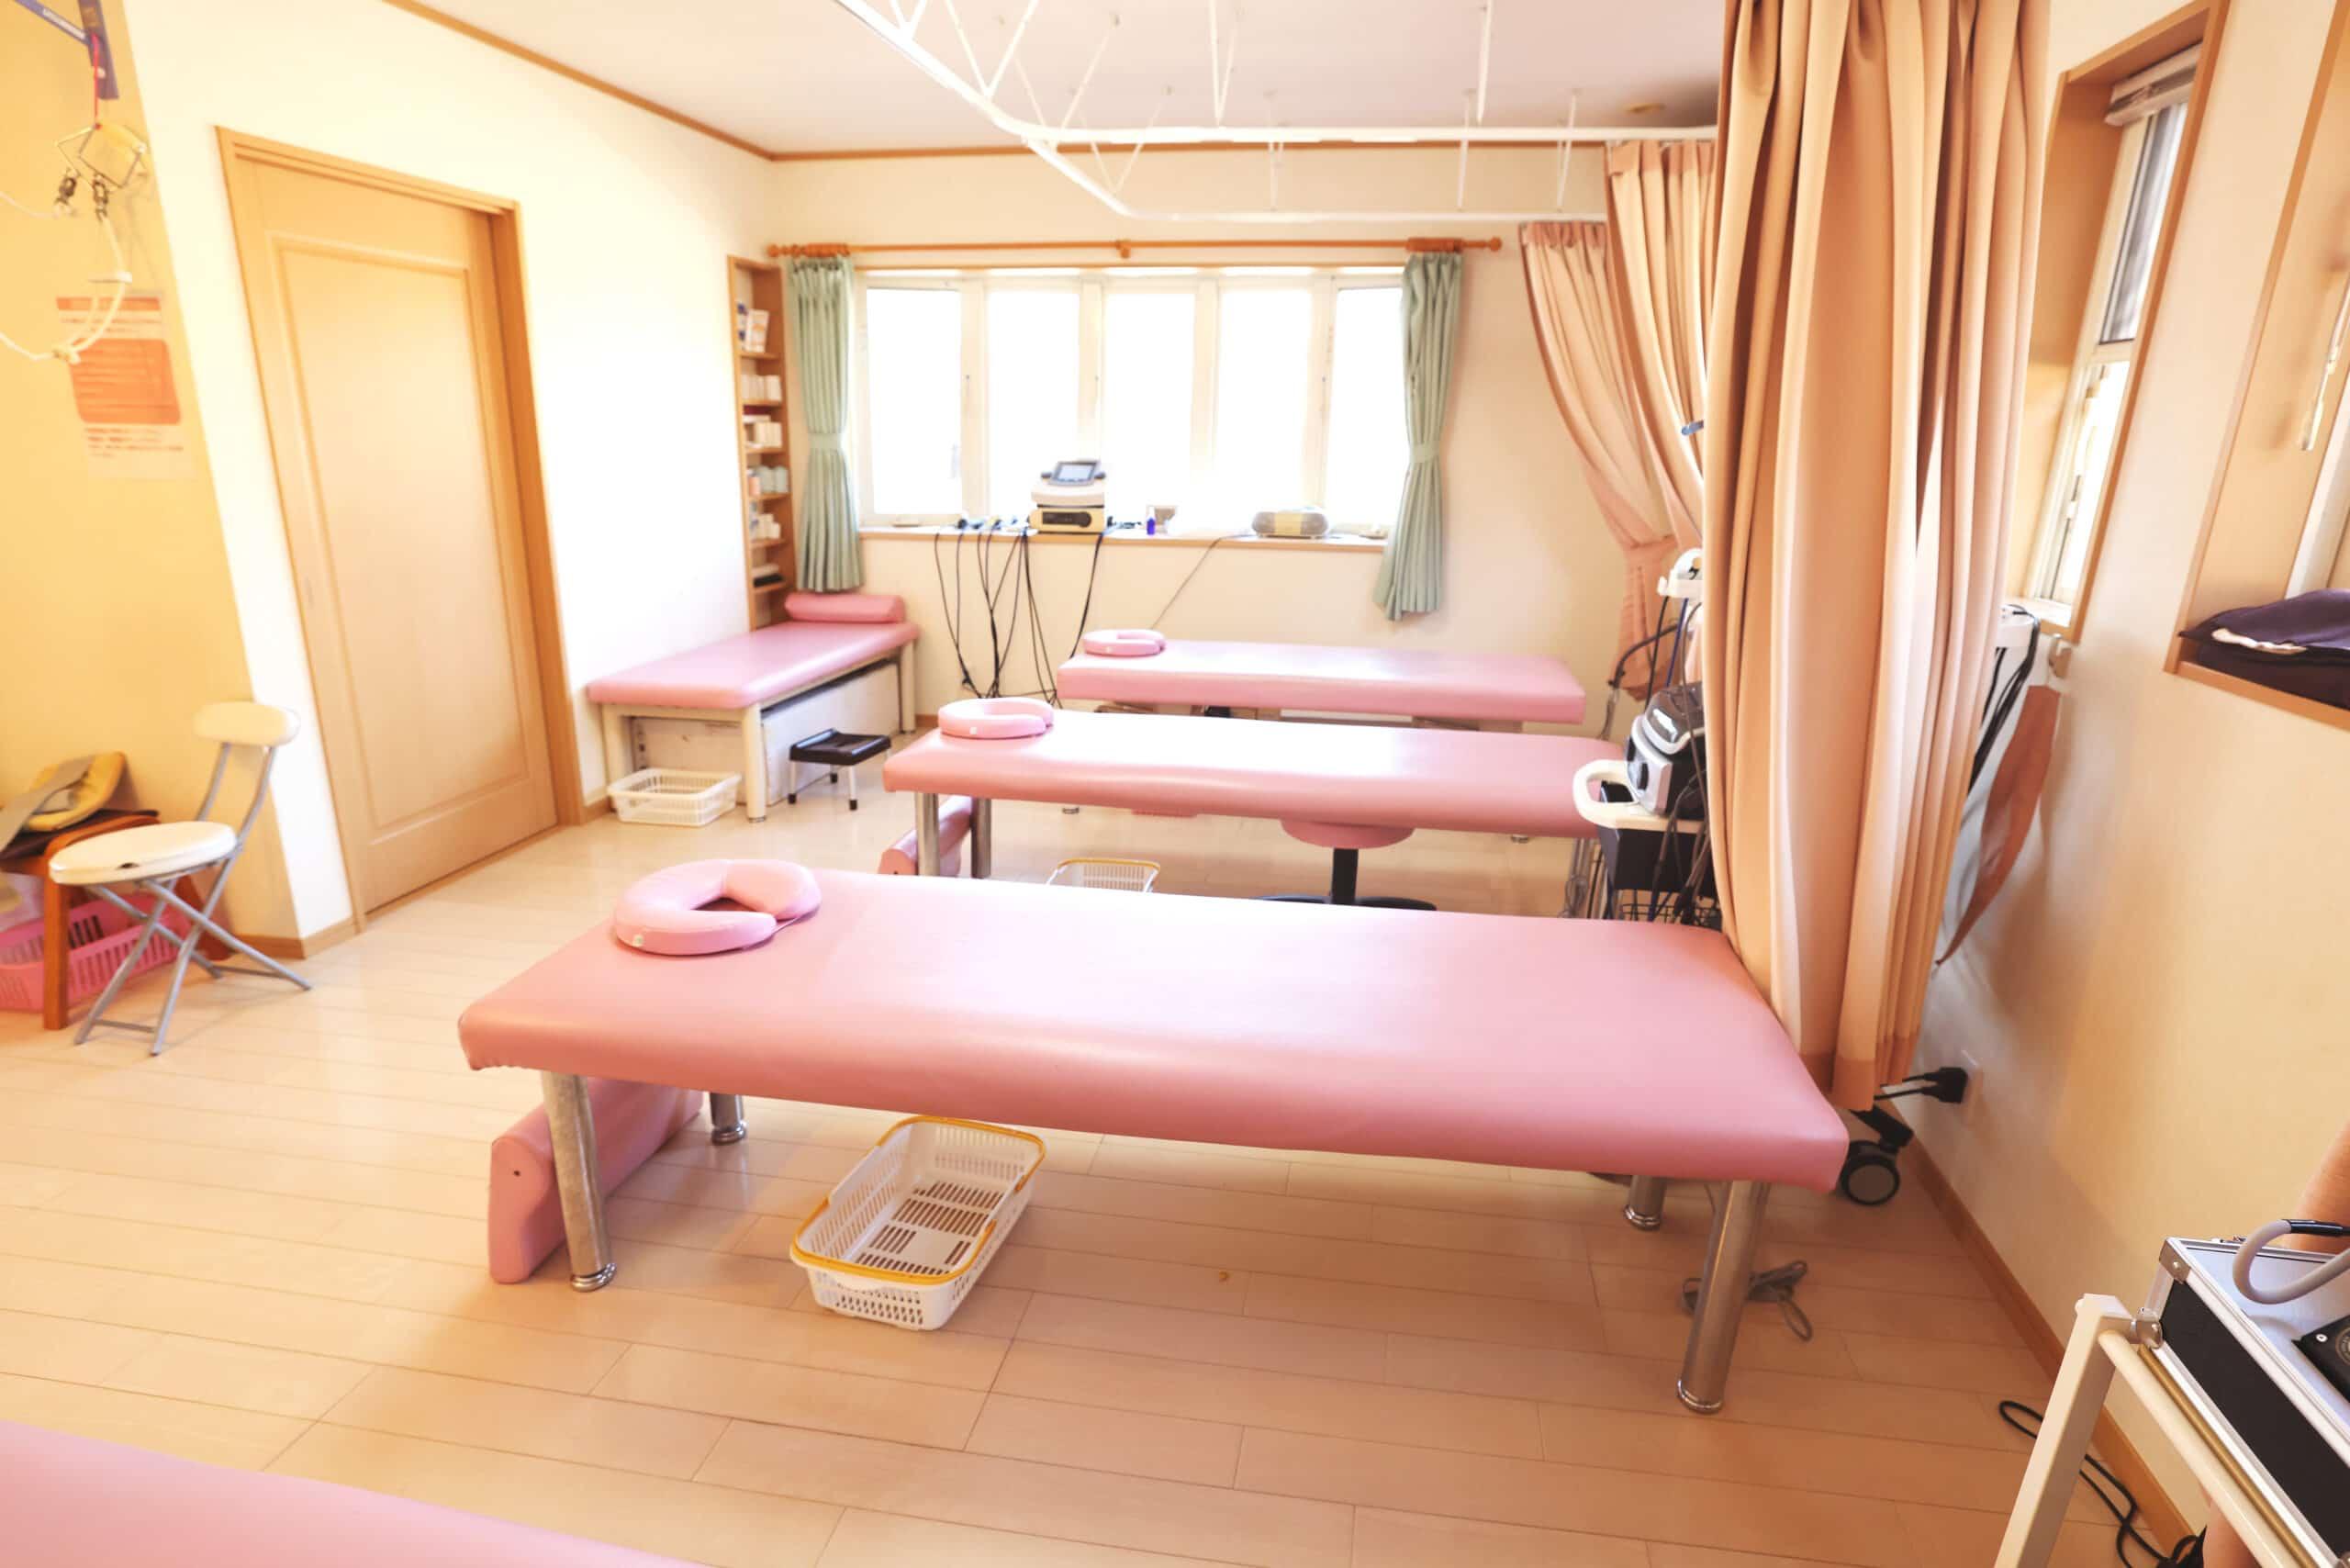 亞利の整骨院の綺麗な施術室